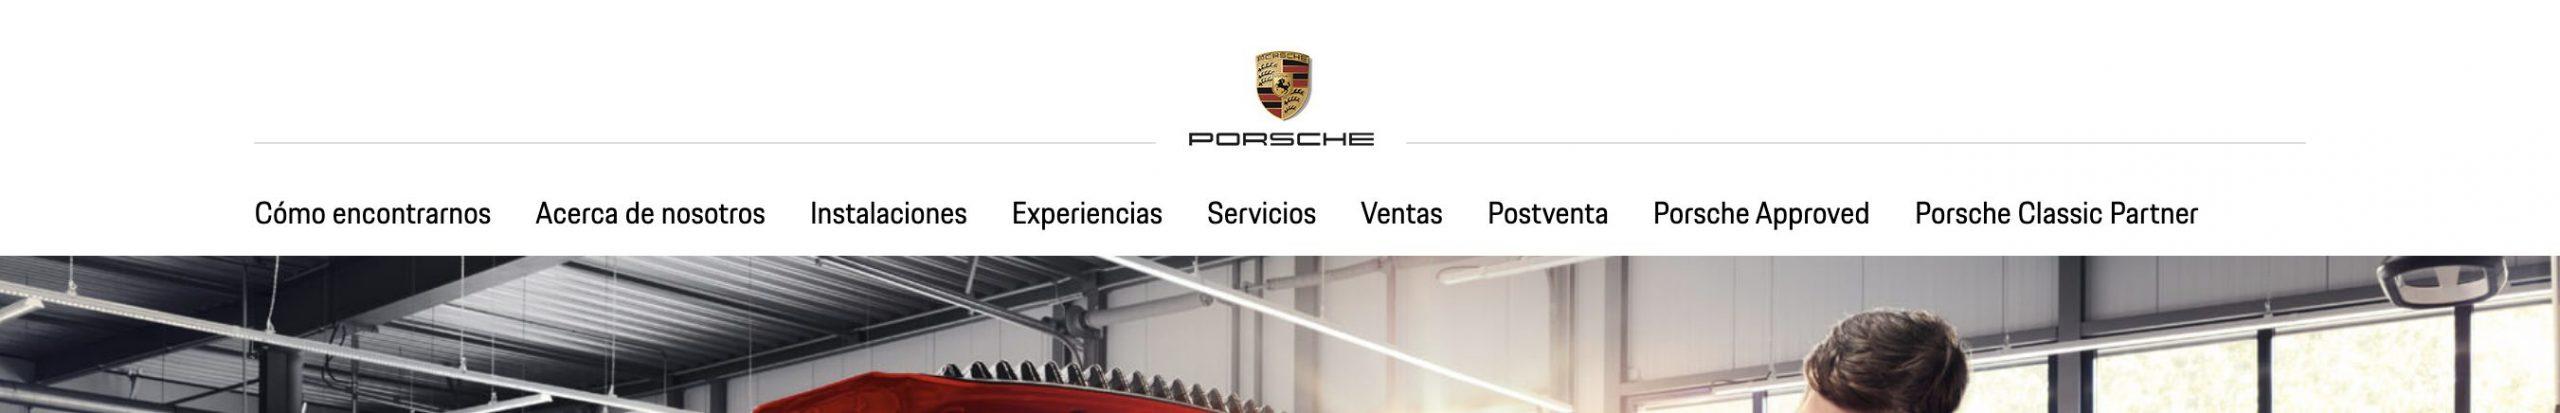 Marketing Porsche